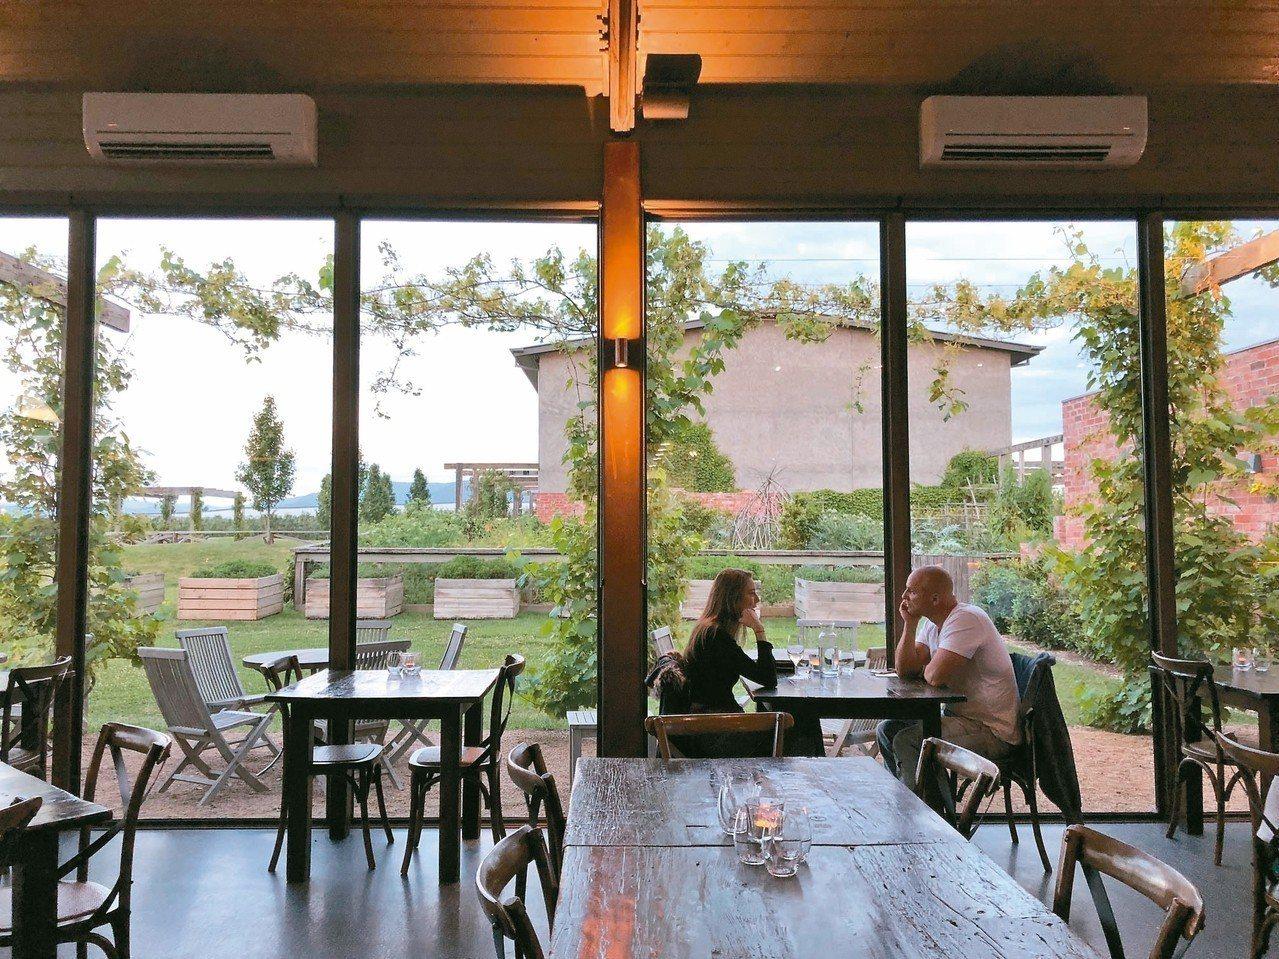 Meletos酒莊有如Kinfolk經典文青風格般的空間與美感。 記者錢欽青/攝...